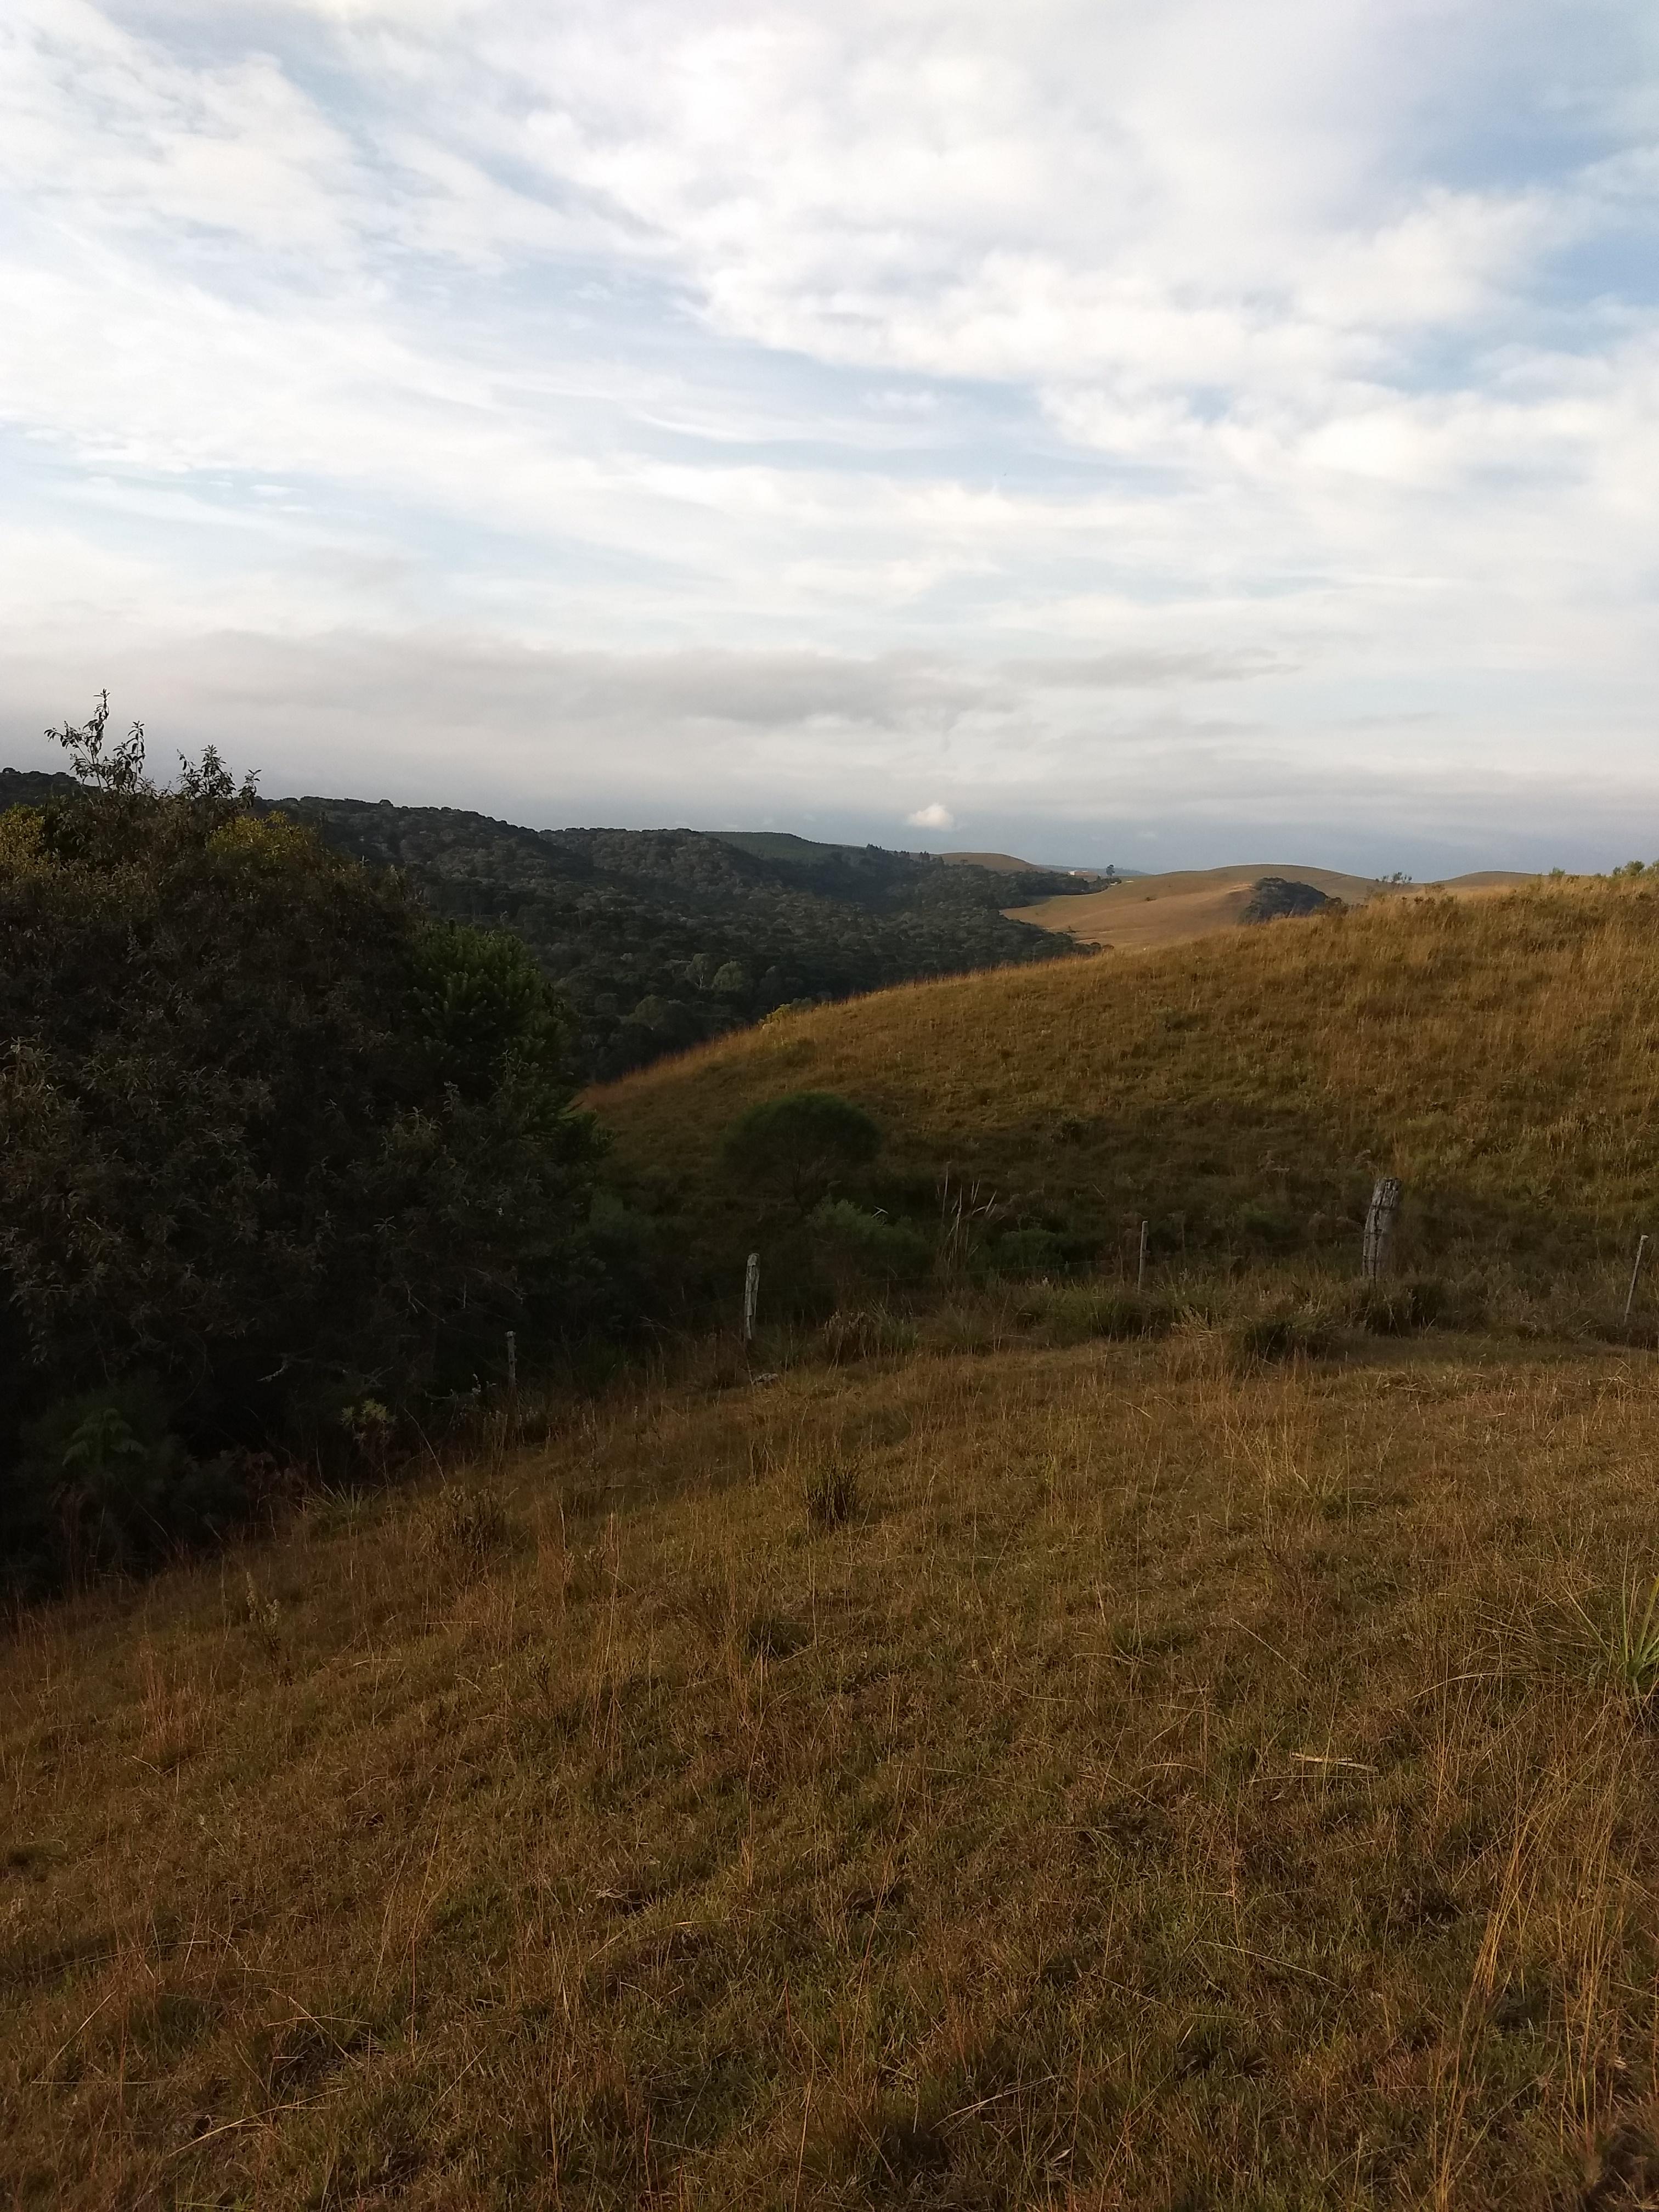 Área rural com campo e mato